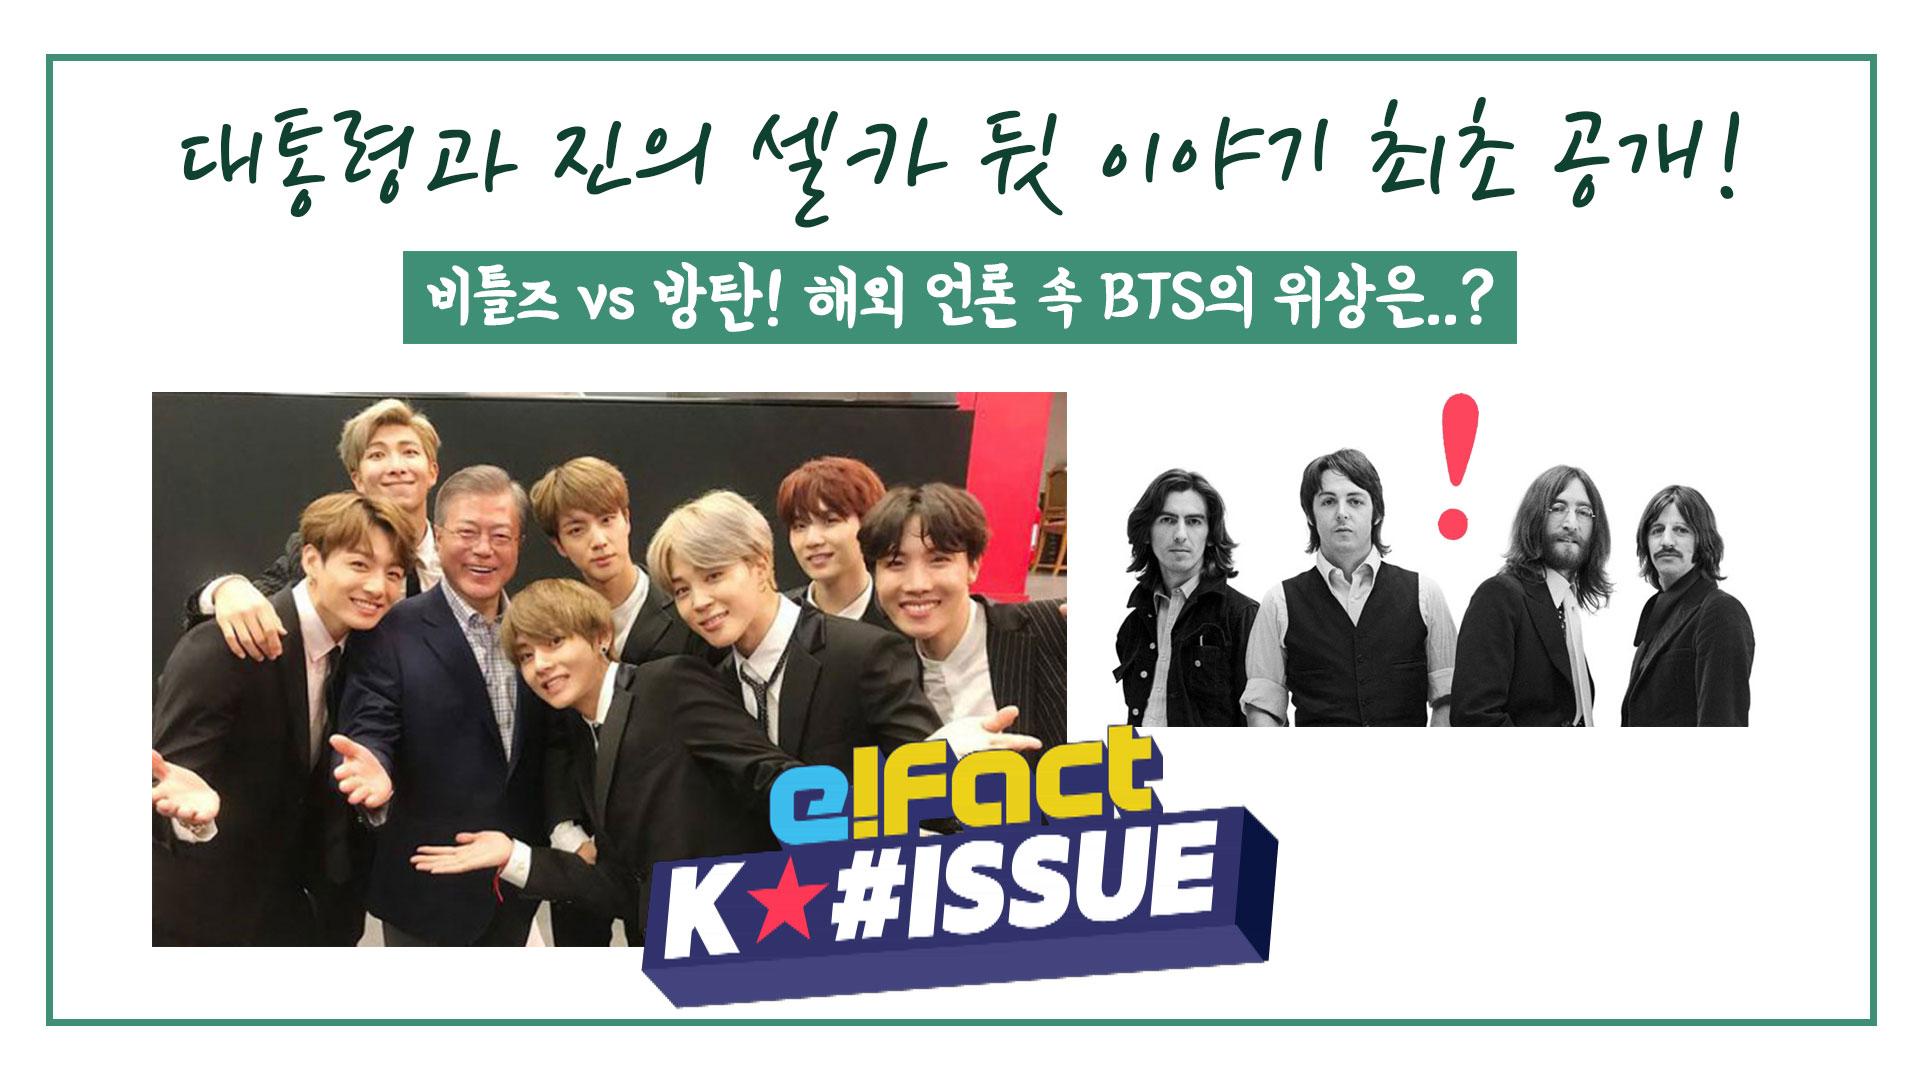 대통령과의 진의 셀카 뒷 이야기 최초 공개! 비틀즈 VS 방탄! 해외 언론 속 BTS의 위상은...?